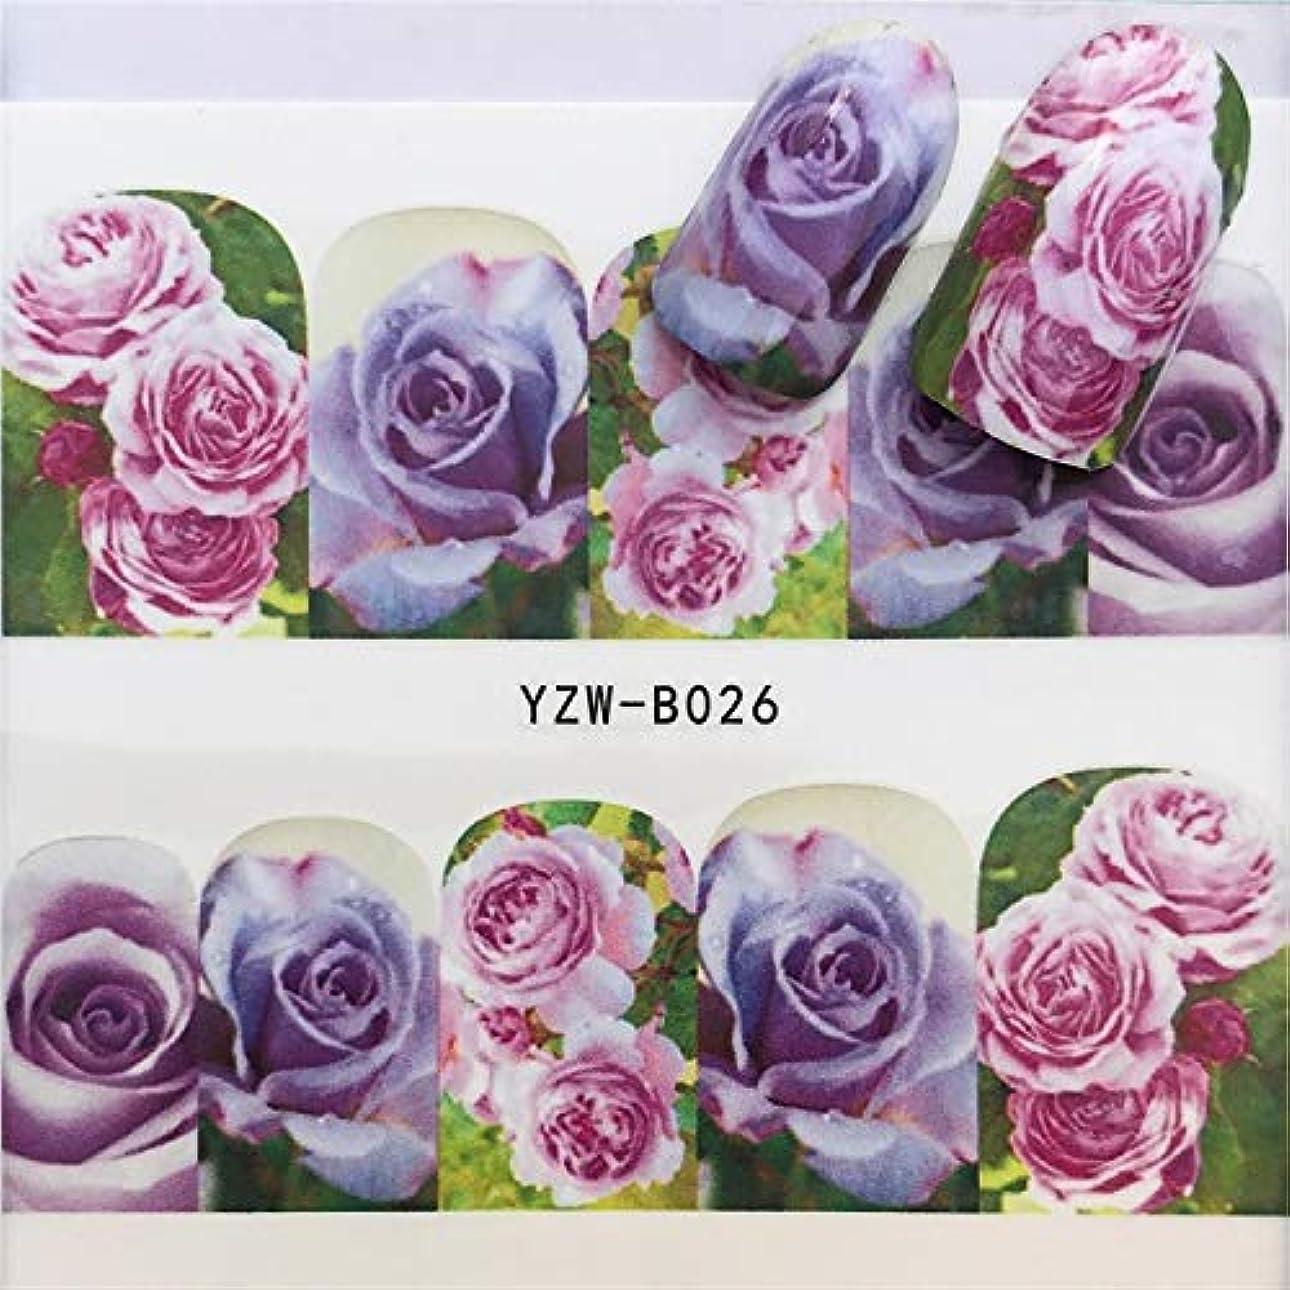 力学火薬墓地手足ビューティーケア 3個ネイルステッカーセットデカール水転写スライダーネイルアートデコレーション、色:YZWB026